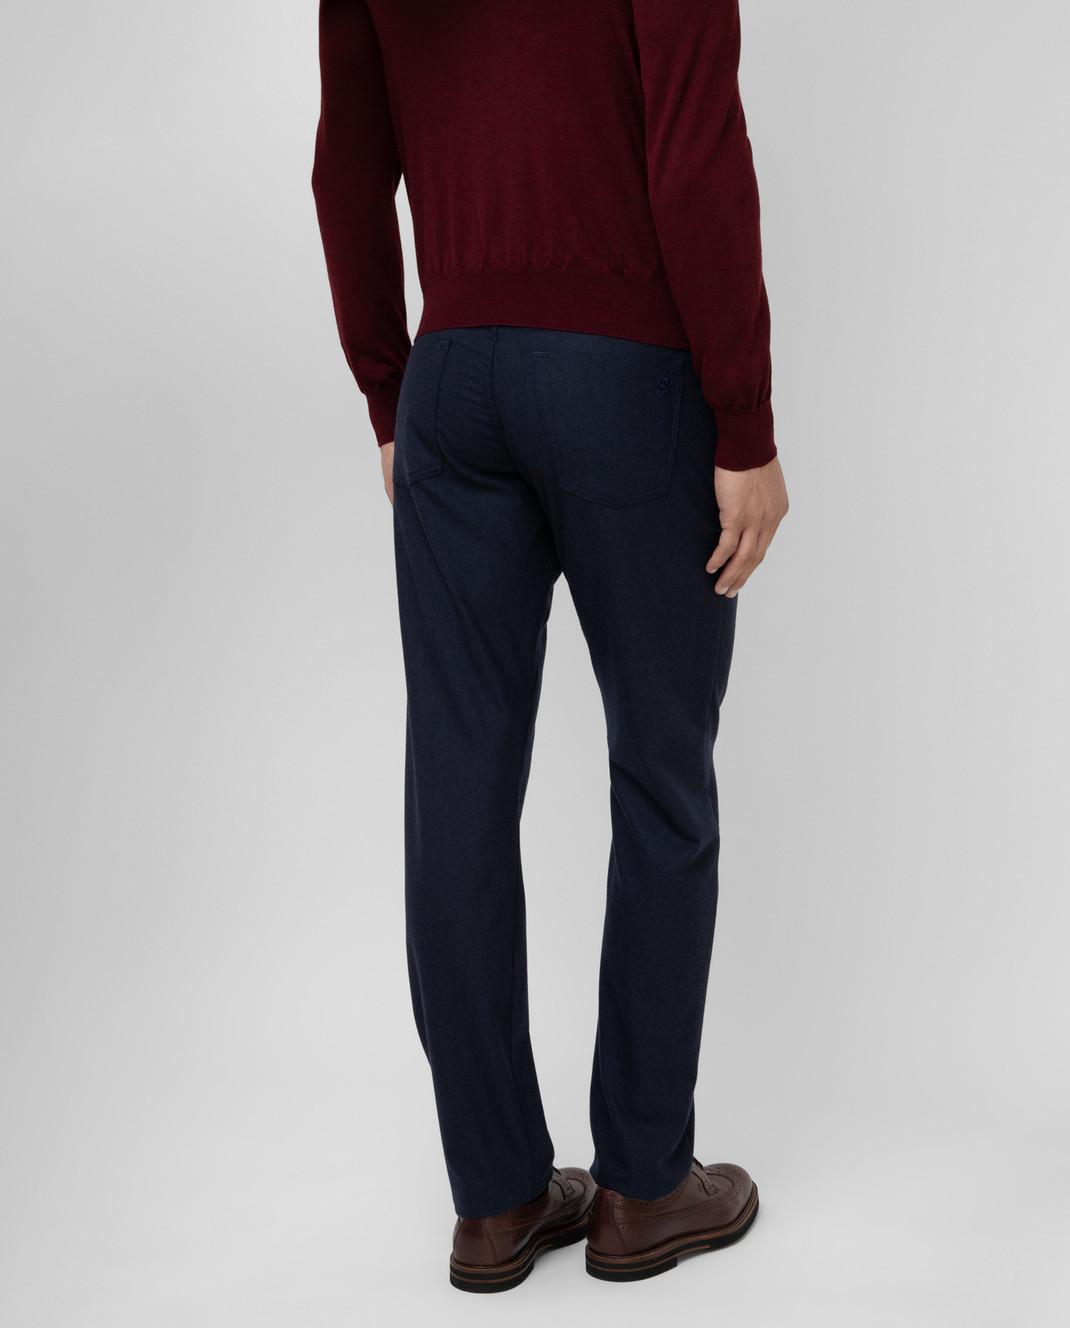 Scissor Scriptor Темно-синие брюки из шерсти изображение 4